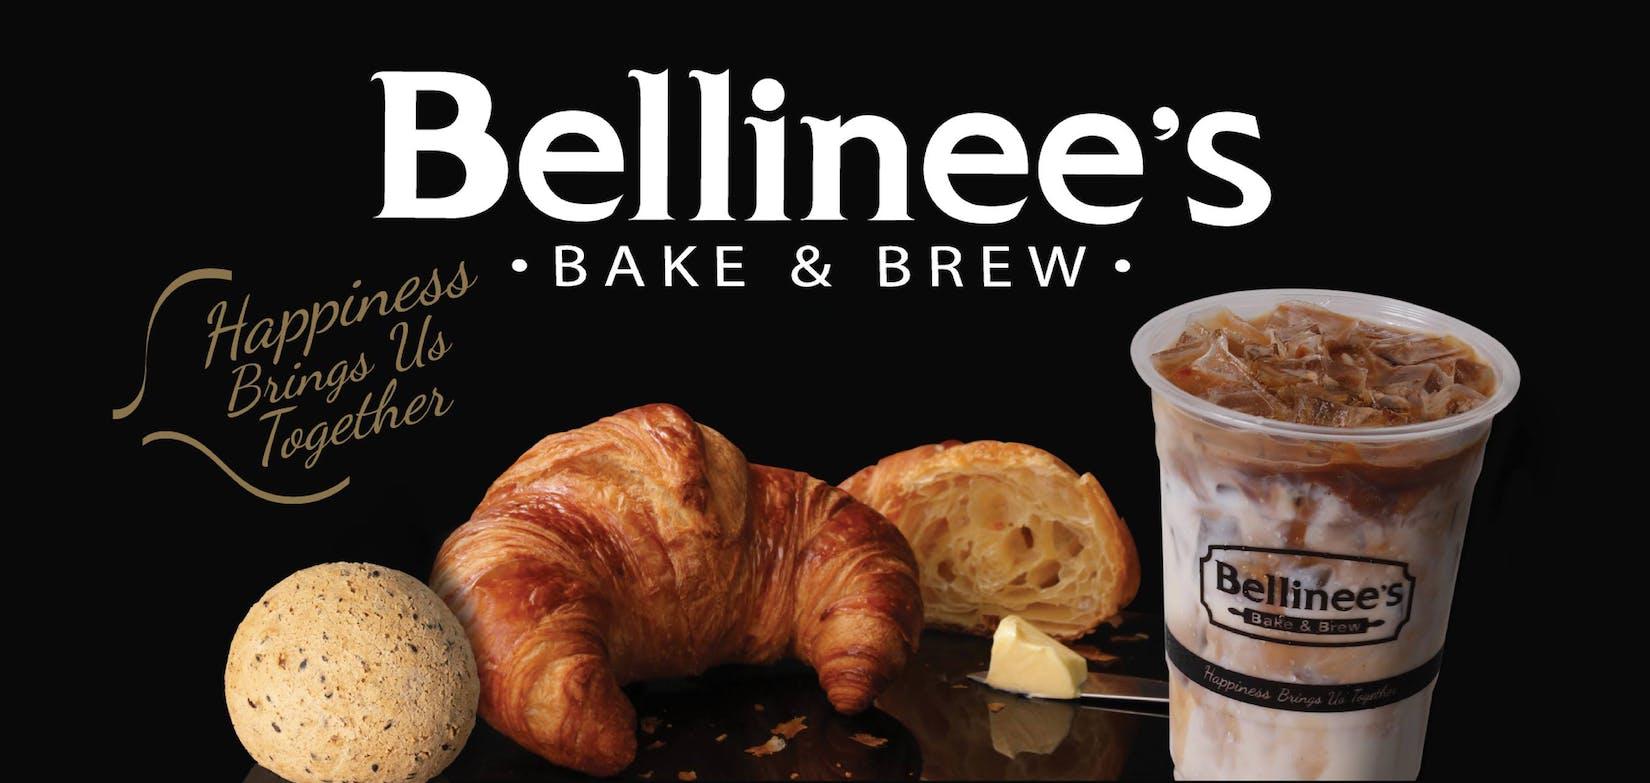 Bellinee's Bake & Brew Myanmar | yathar